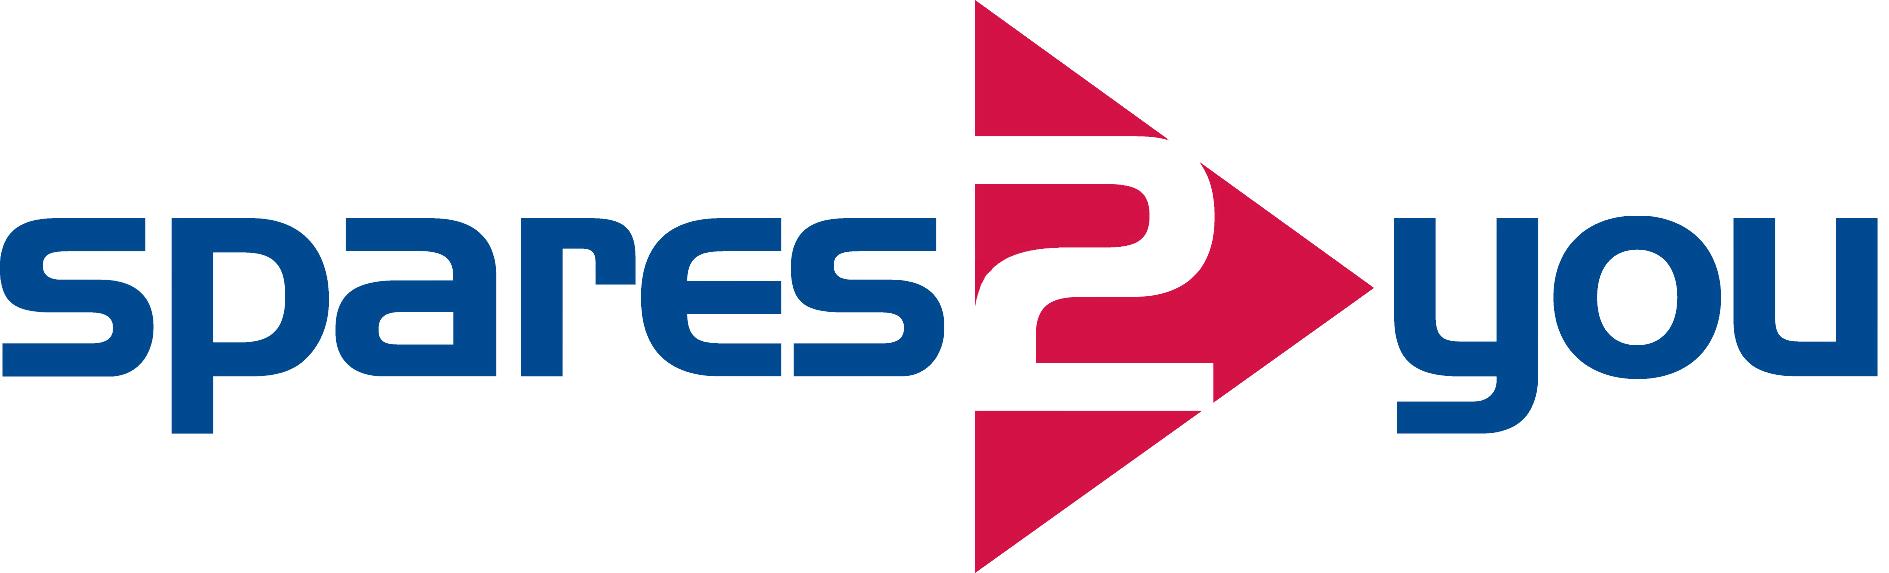 Spares2you Logo